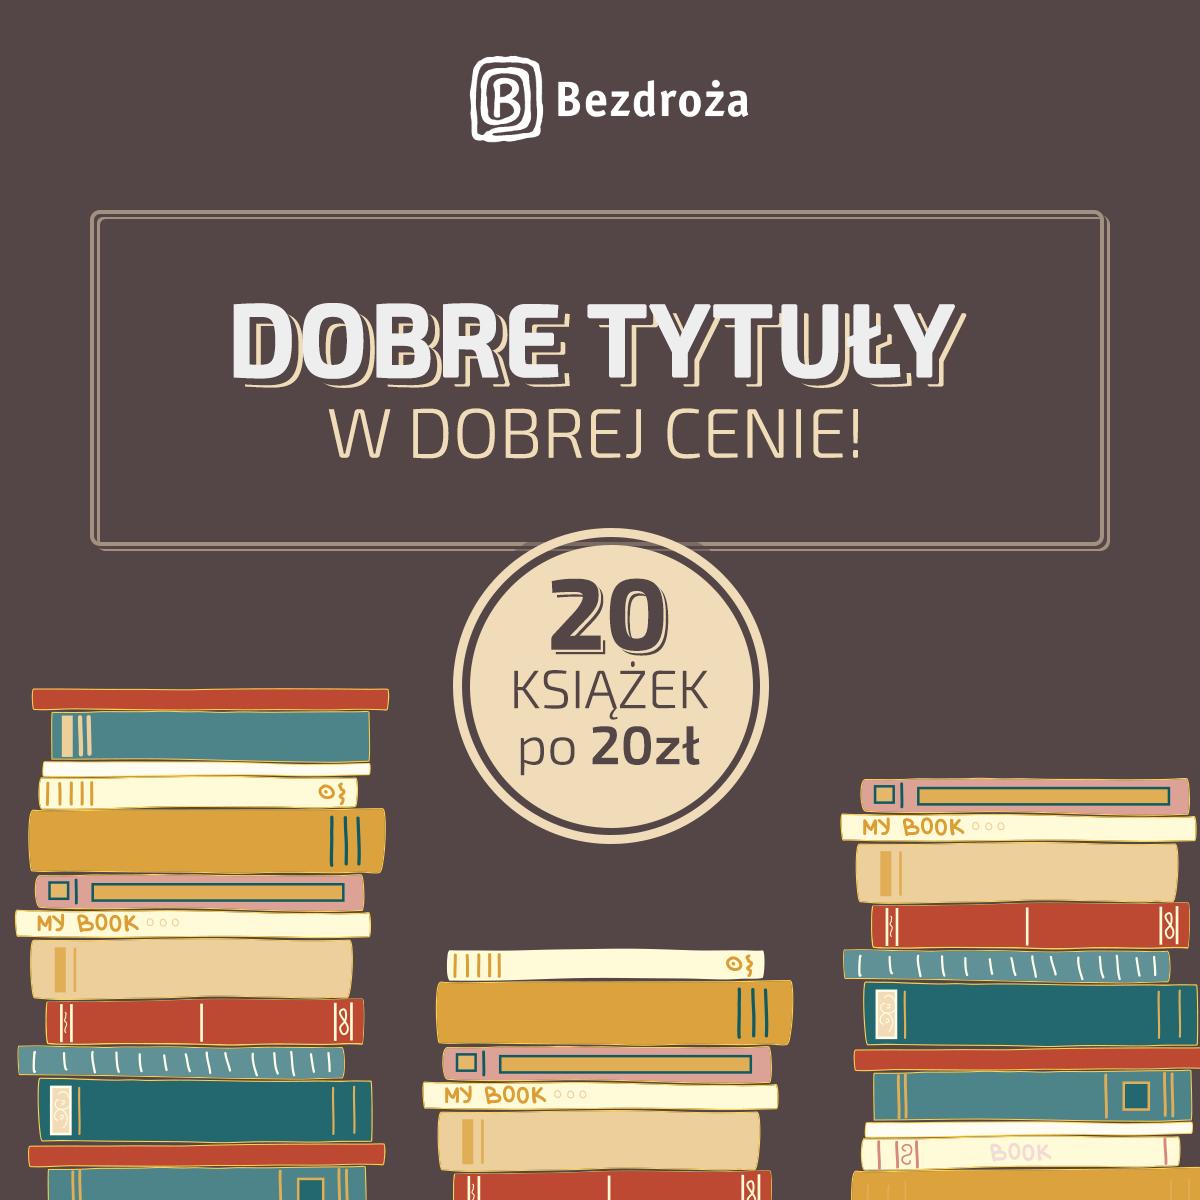 Podróże: 20 książek po 20 zł @ Bezdroża